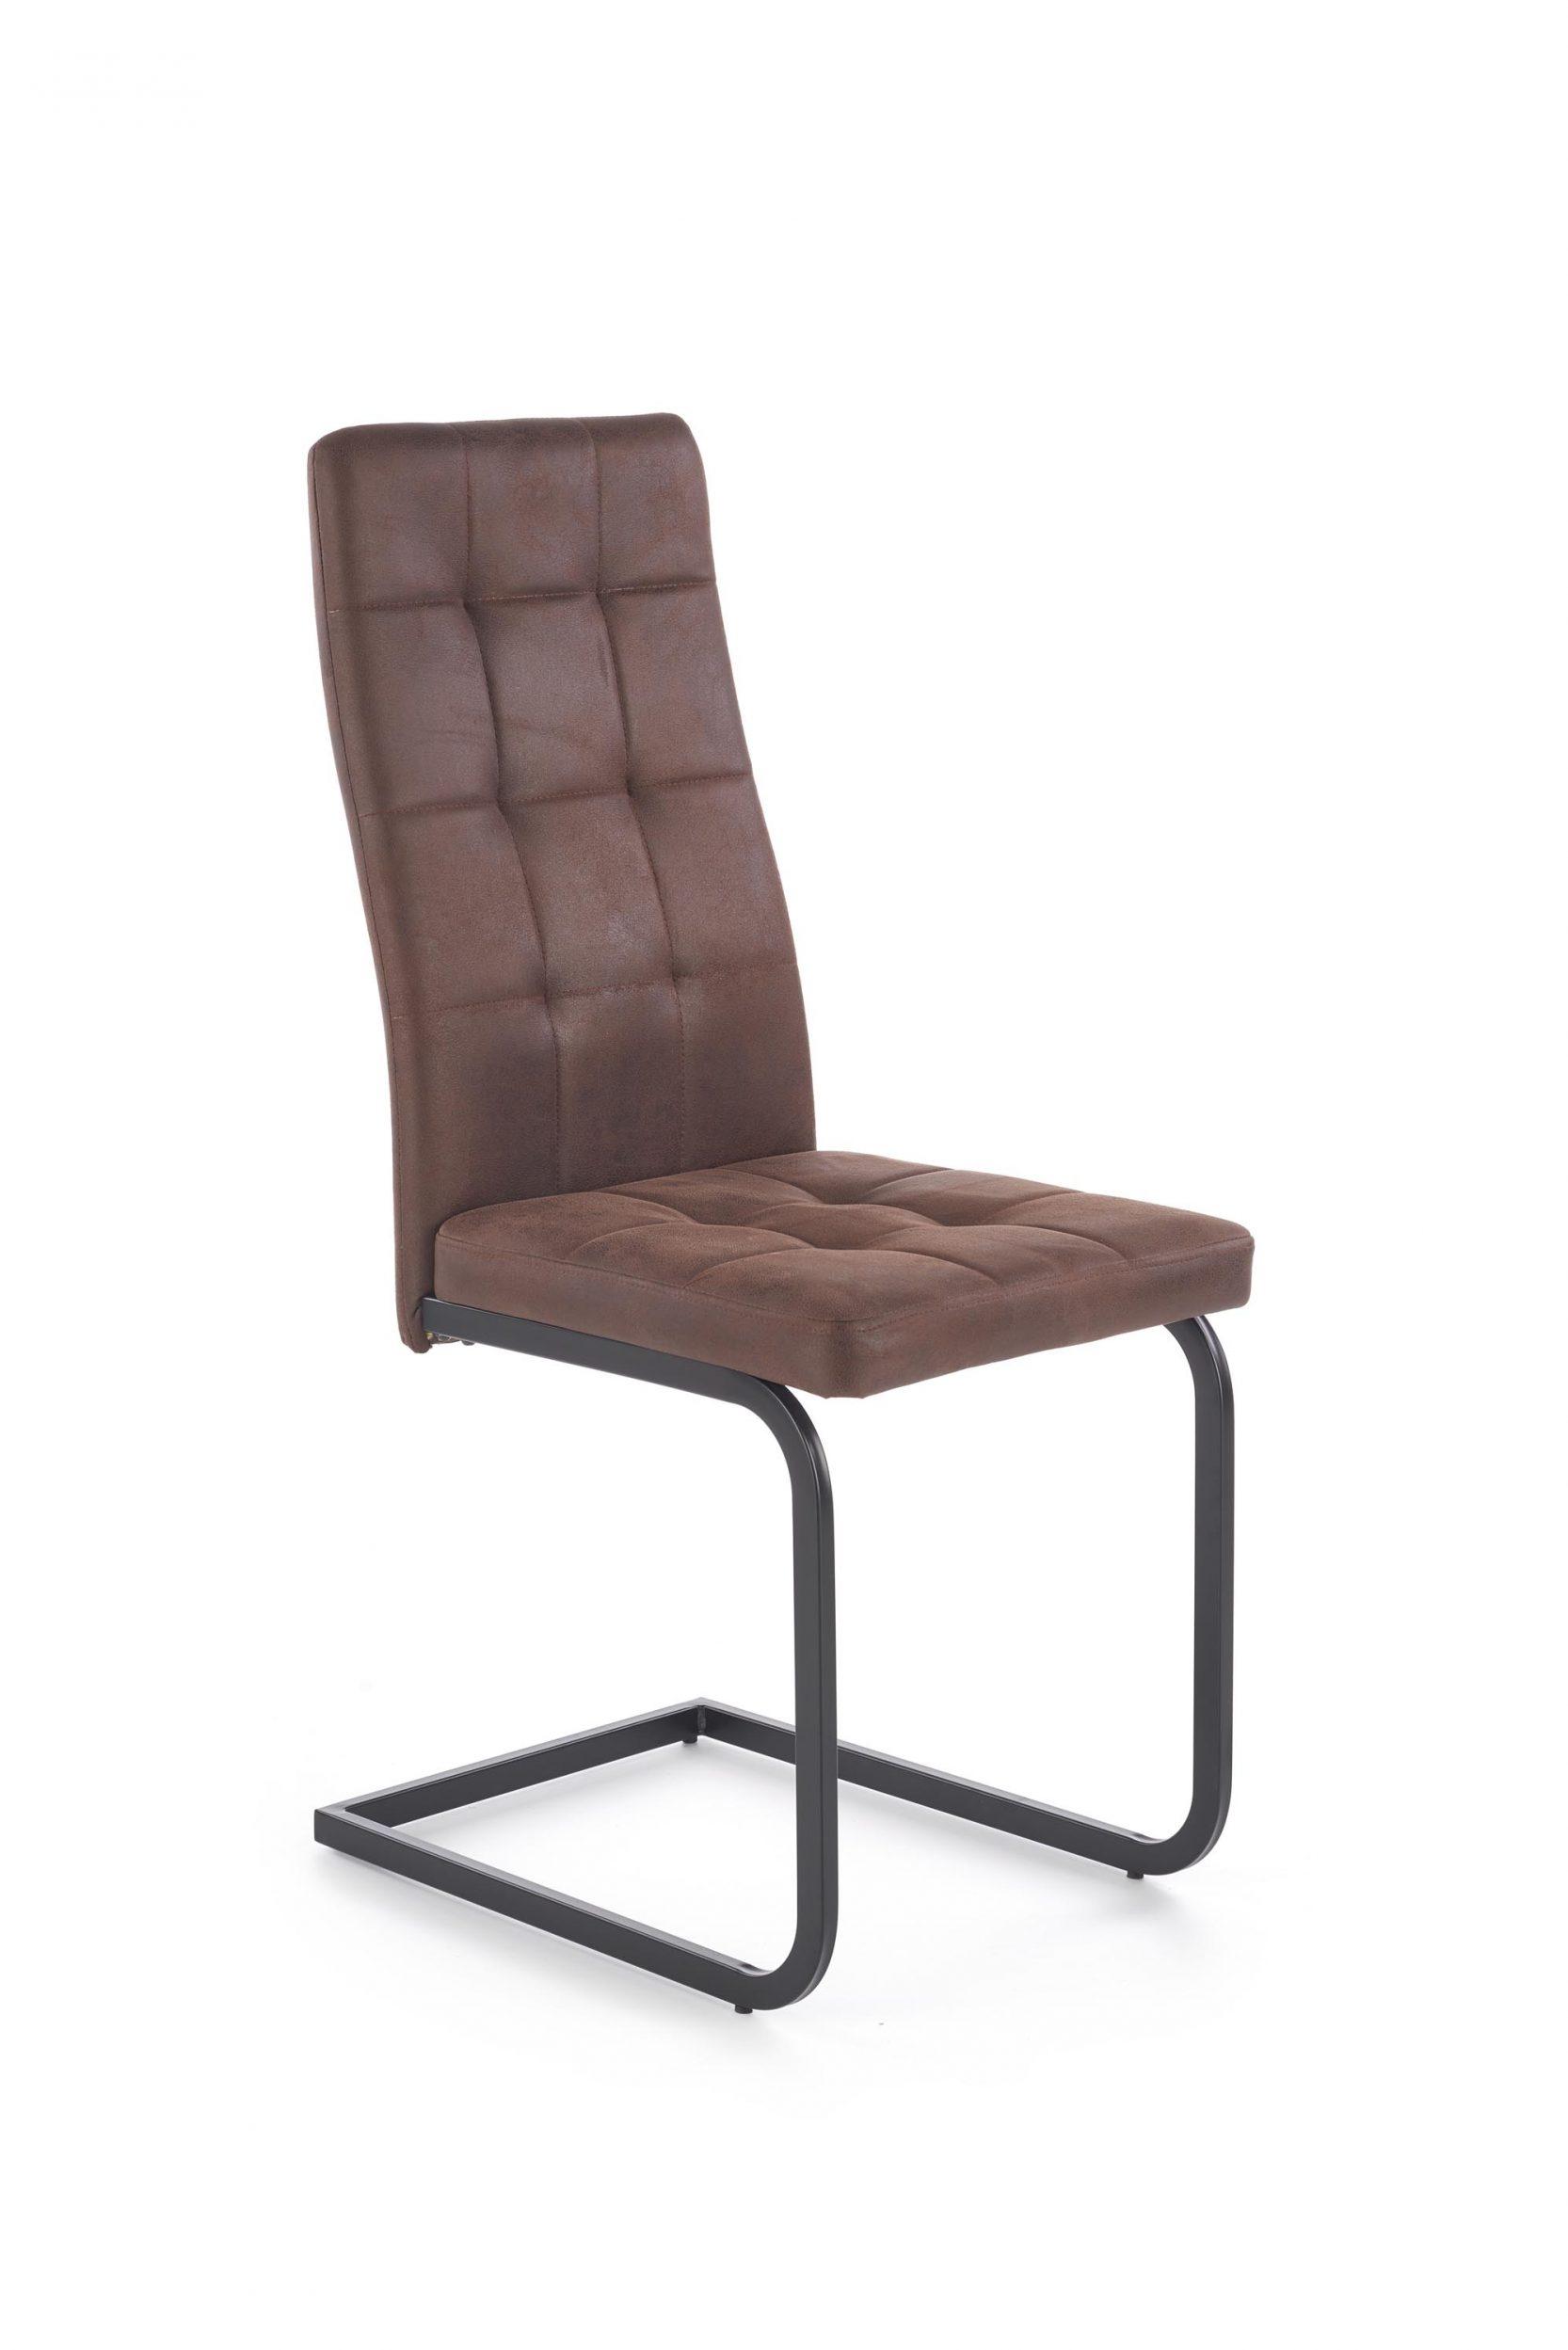 Scaun tapitat cu piele ecologica, cu picioare metalice K310 Maro inchis, l42xA57xH100 cm imagine